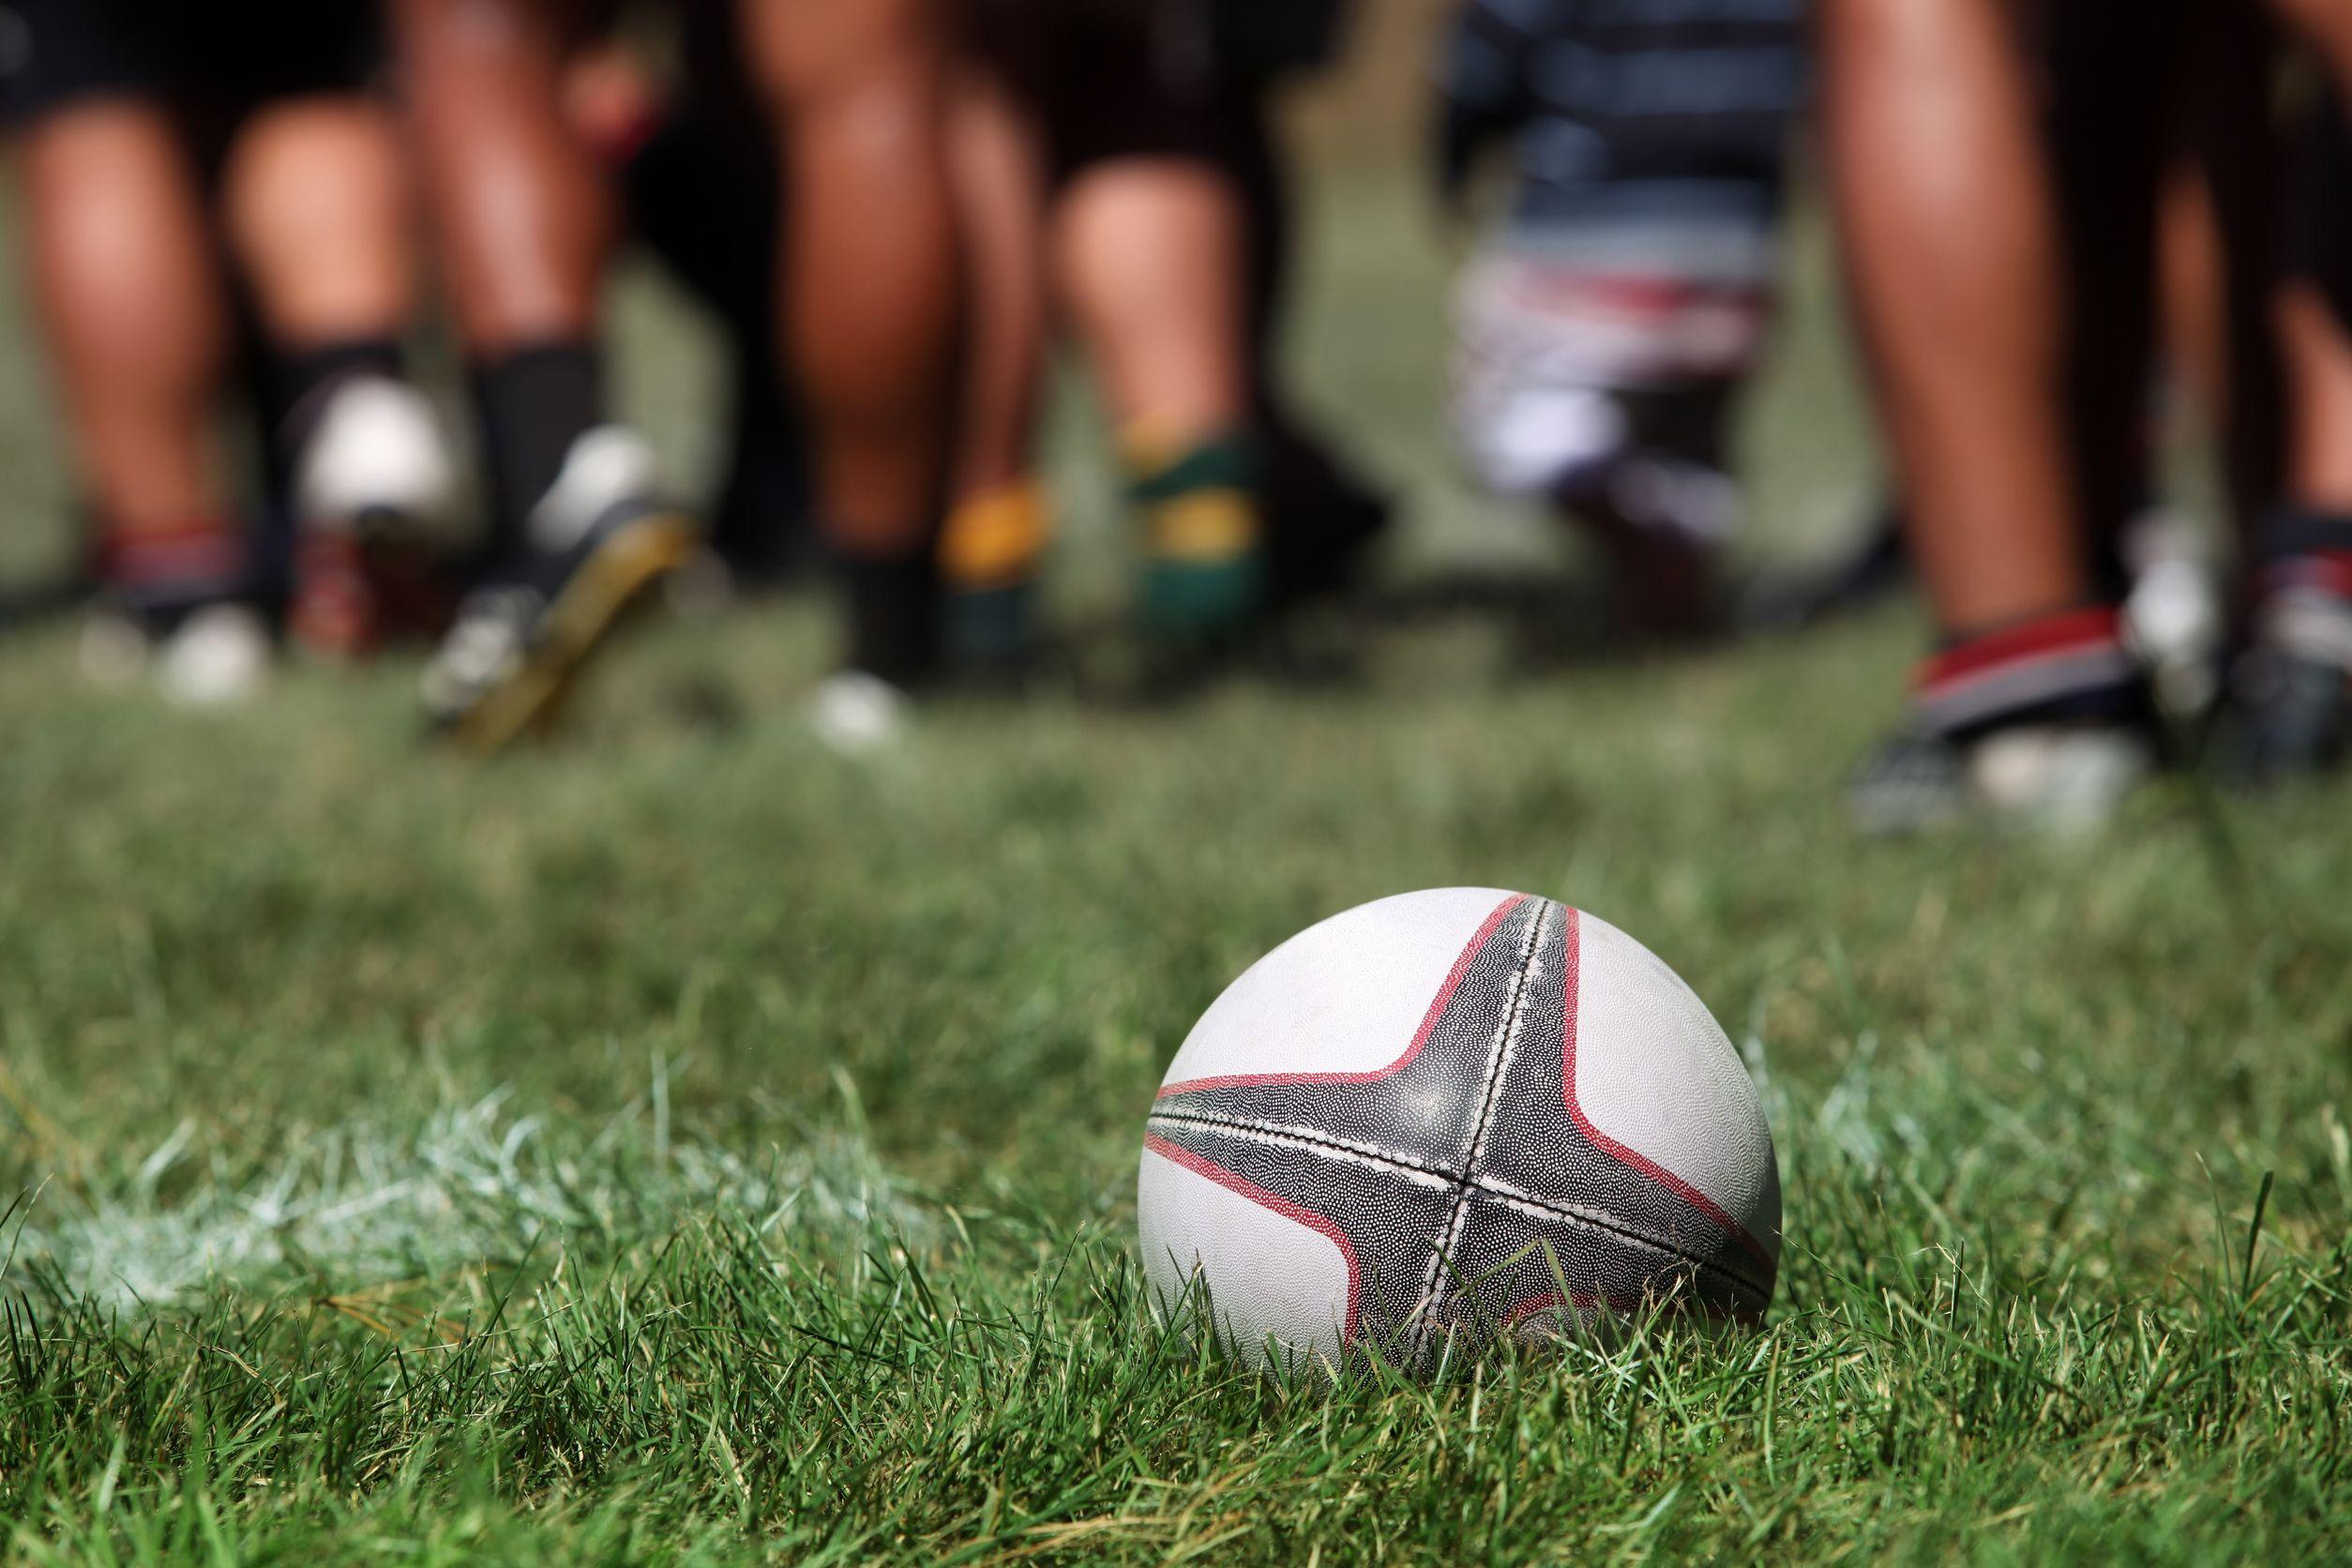 rugby-ball-grass-new-zealand